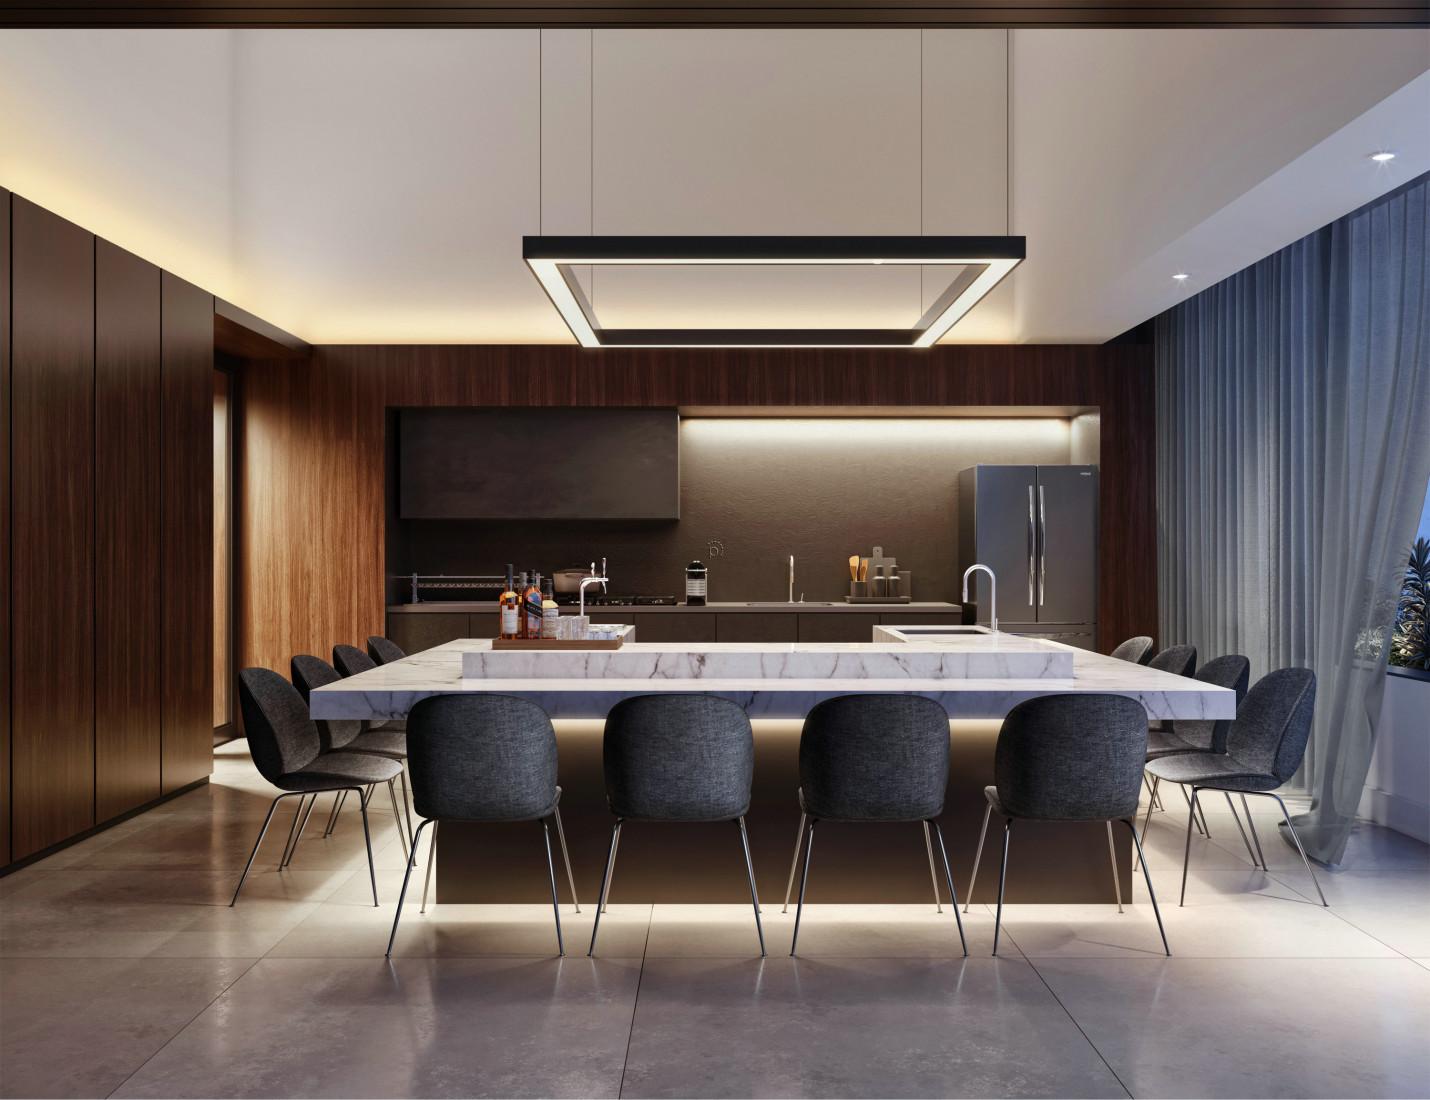 真正的设计生活体验,保持空间与建筑的语言和谐